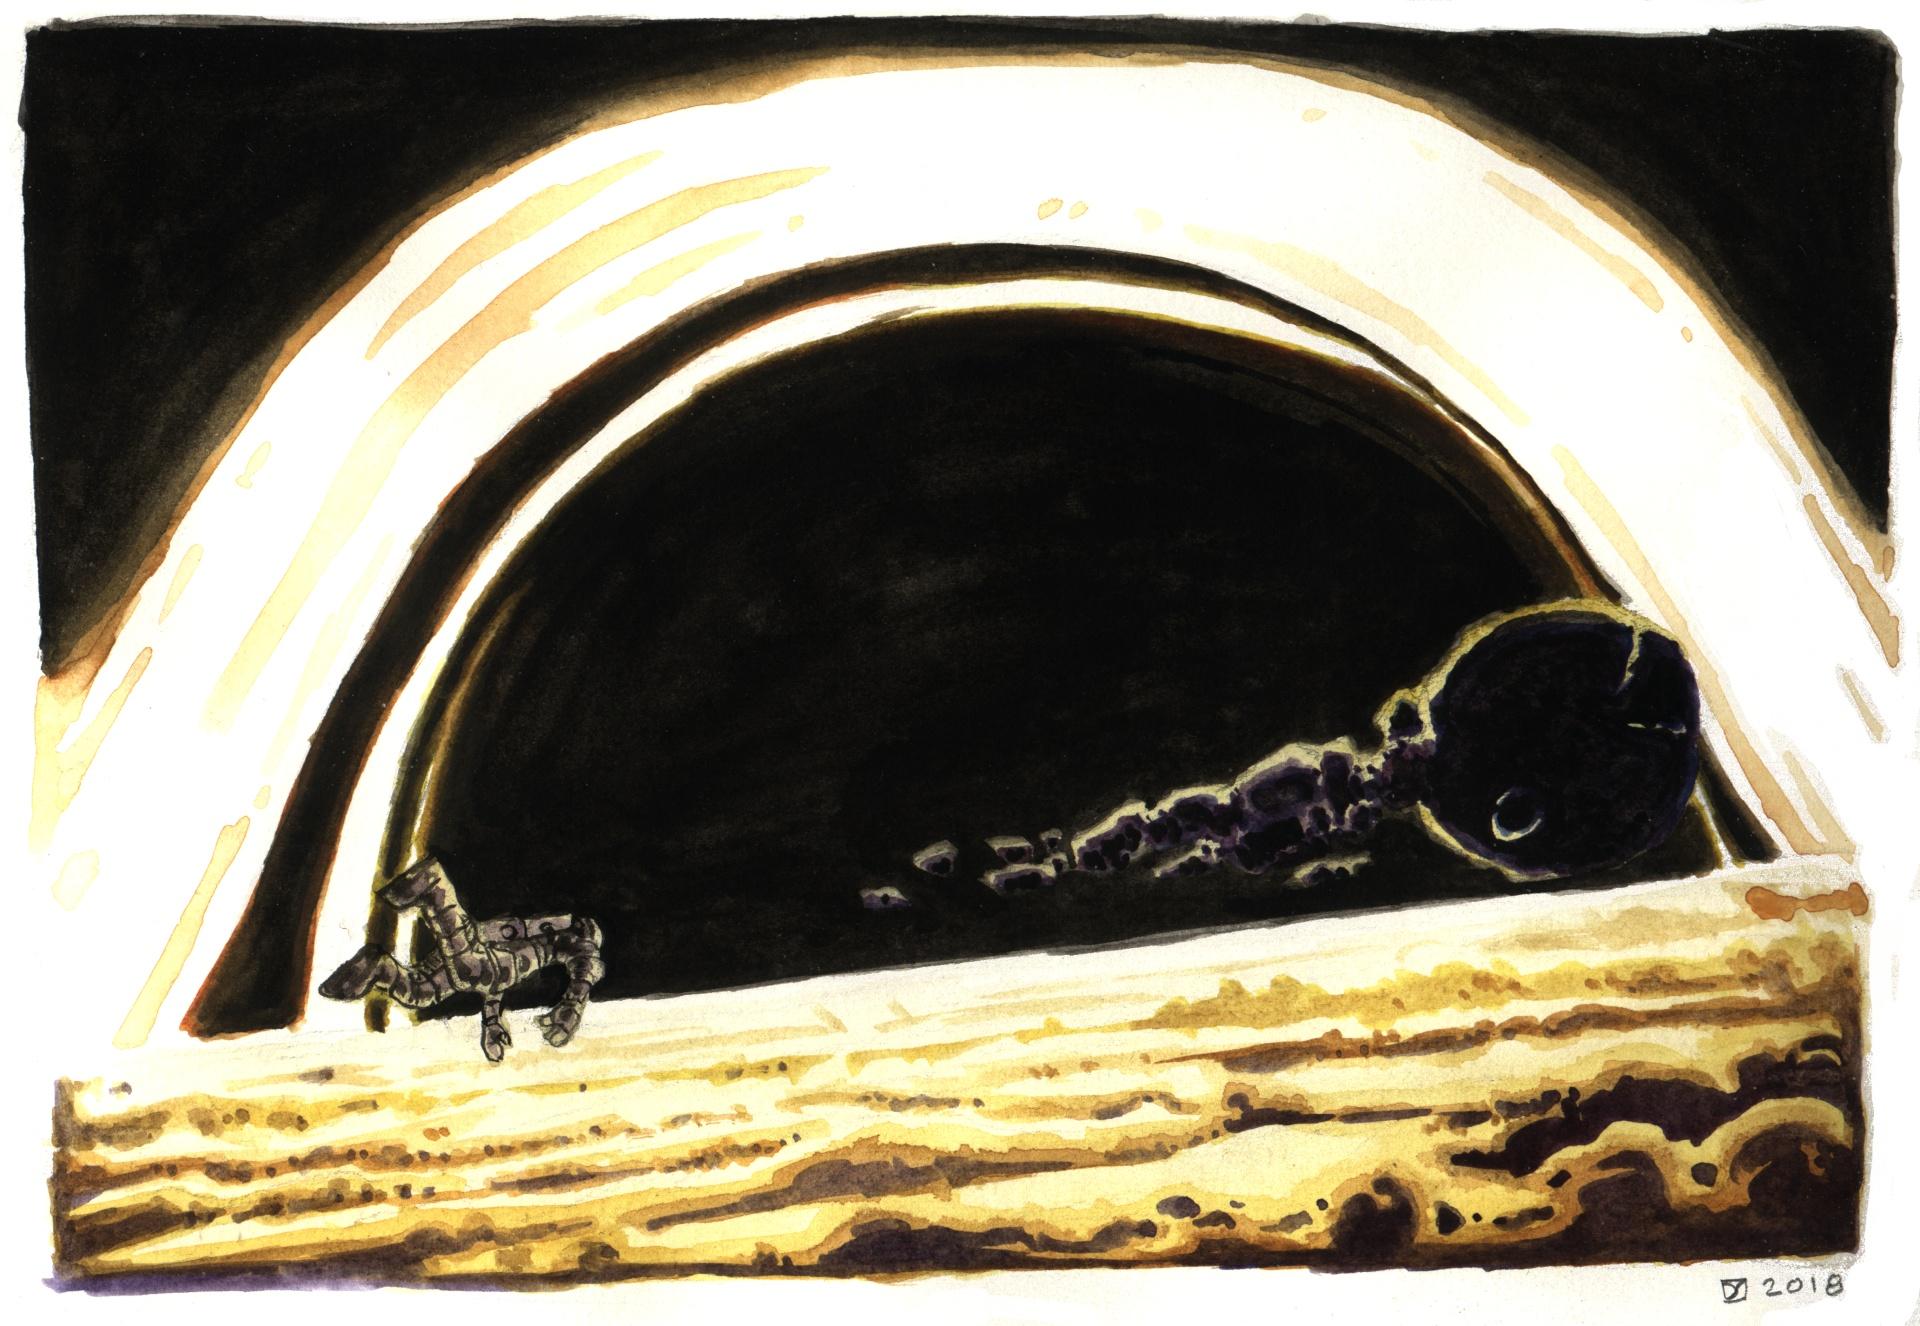 Lovely Blackhole   LT 26th anniversary gift